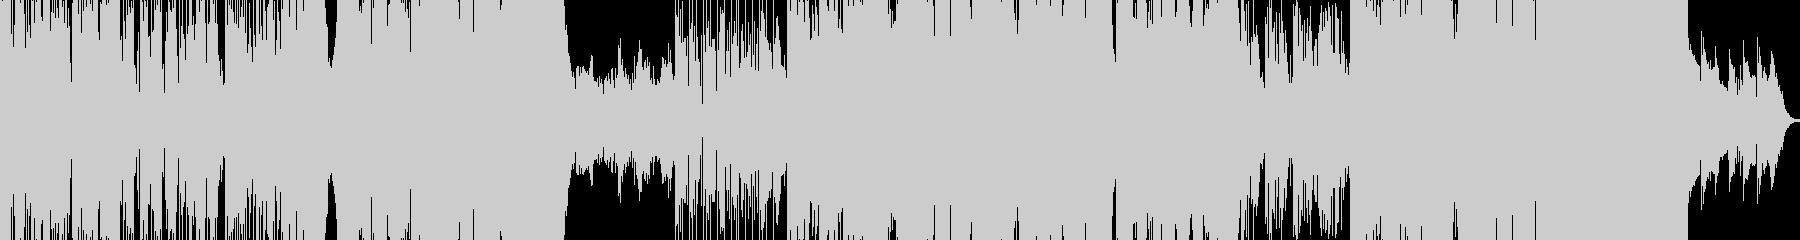 シンセが印象的なFuture Bassの未再生の波形